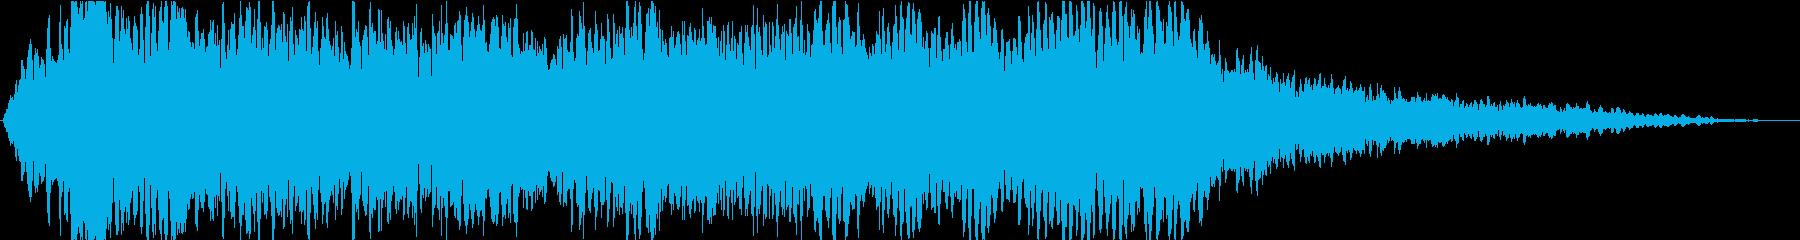 ドローン クレイジーエレファント03の再生済みの波形